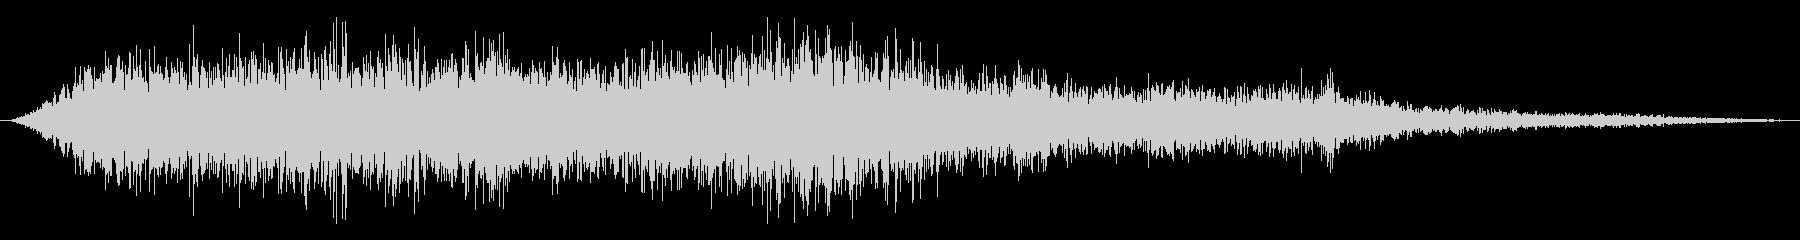 シューッという音EC07_88_6の未再生の波形